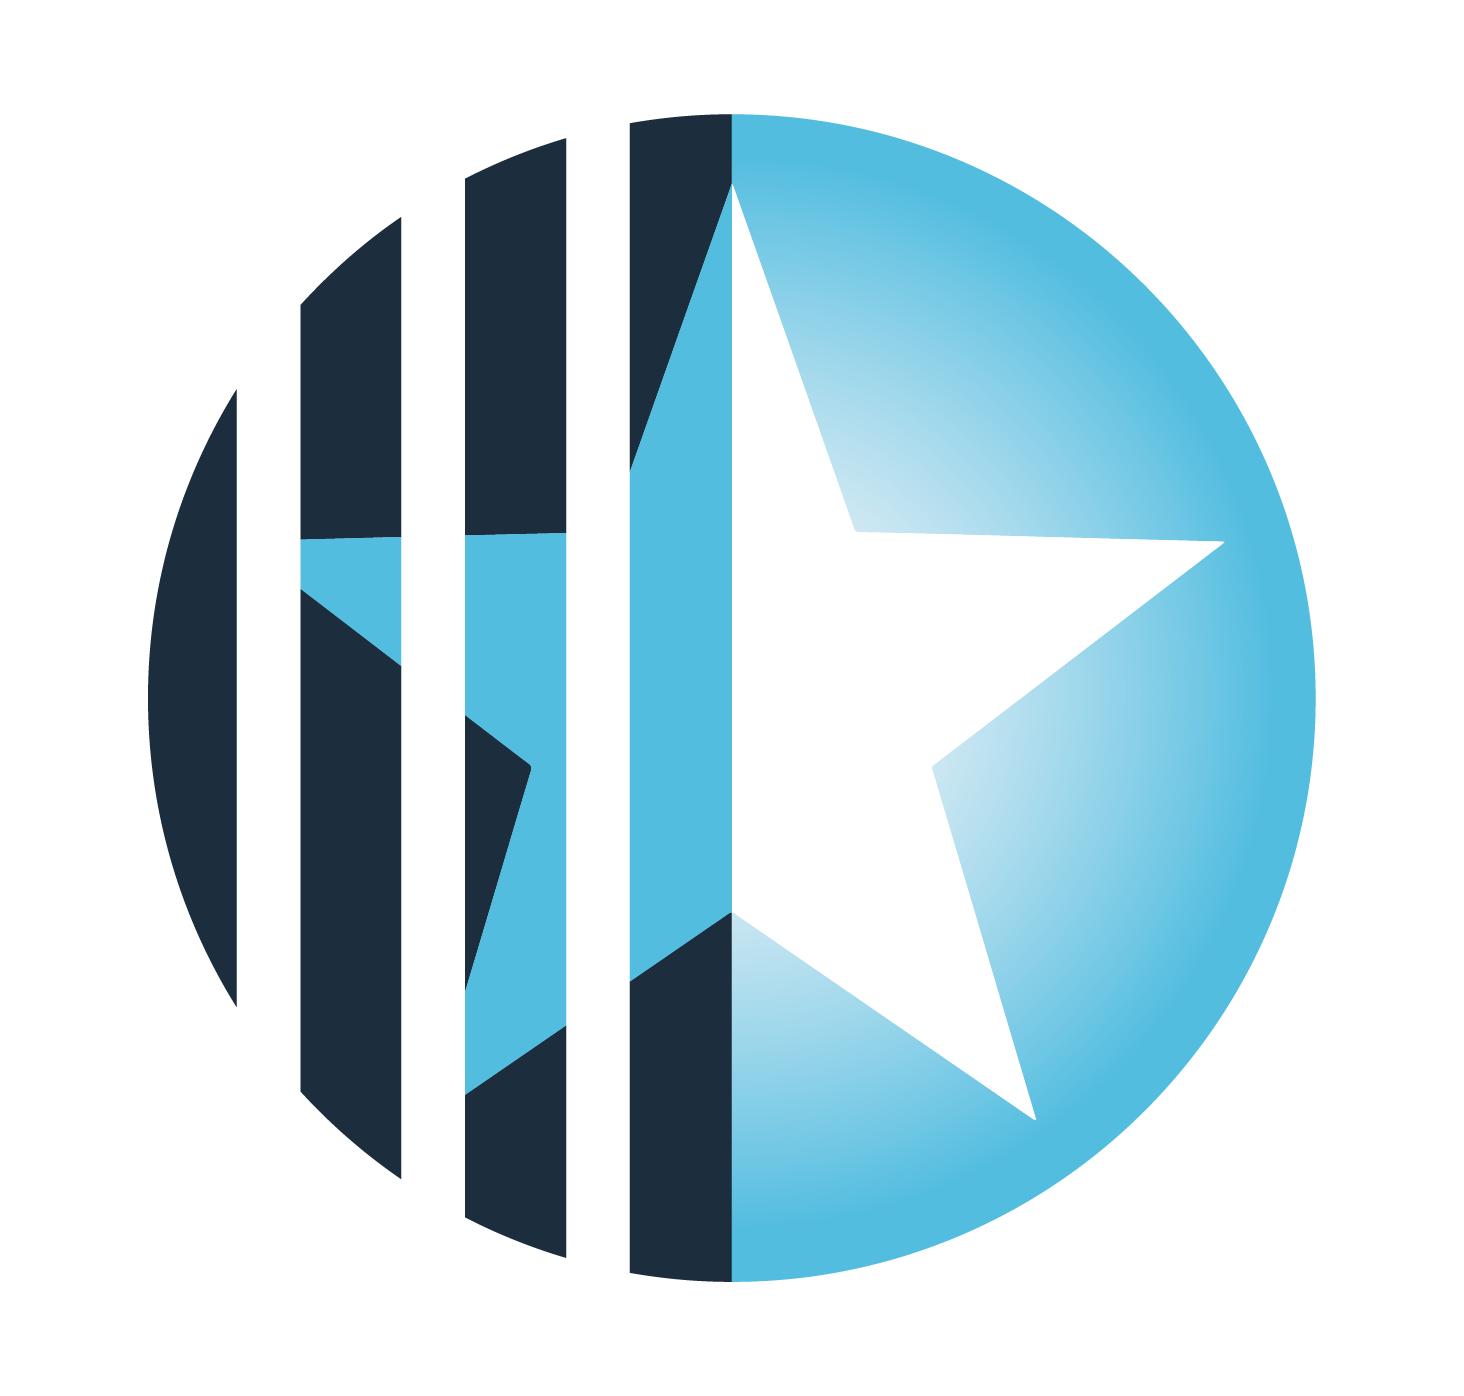 ITX-logo-02.png